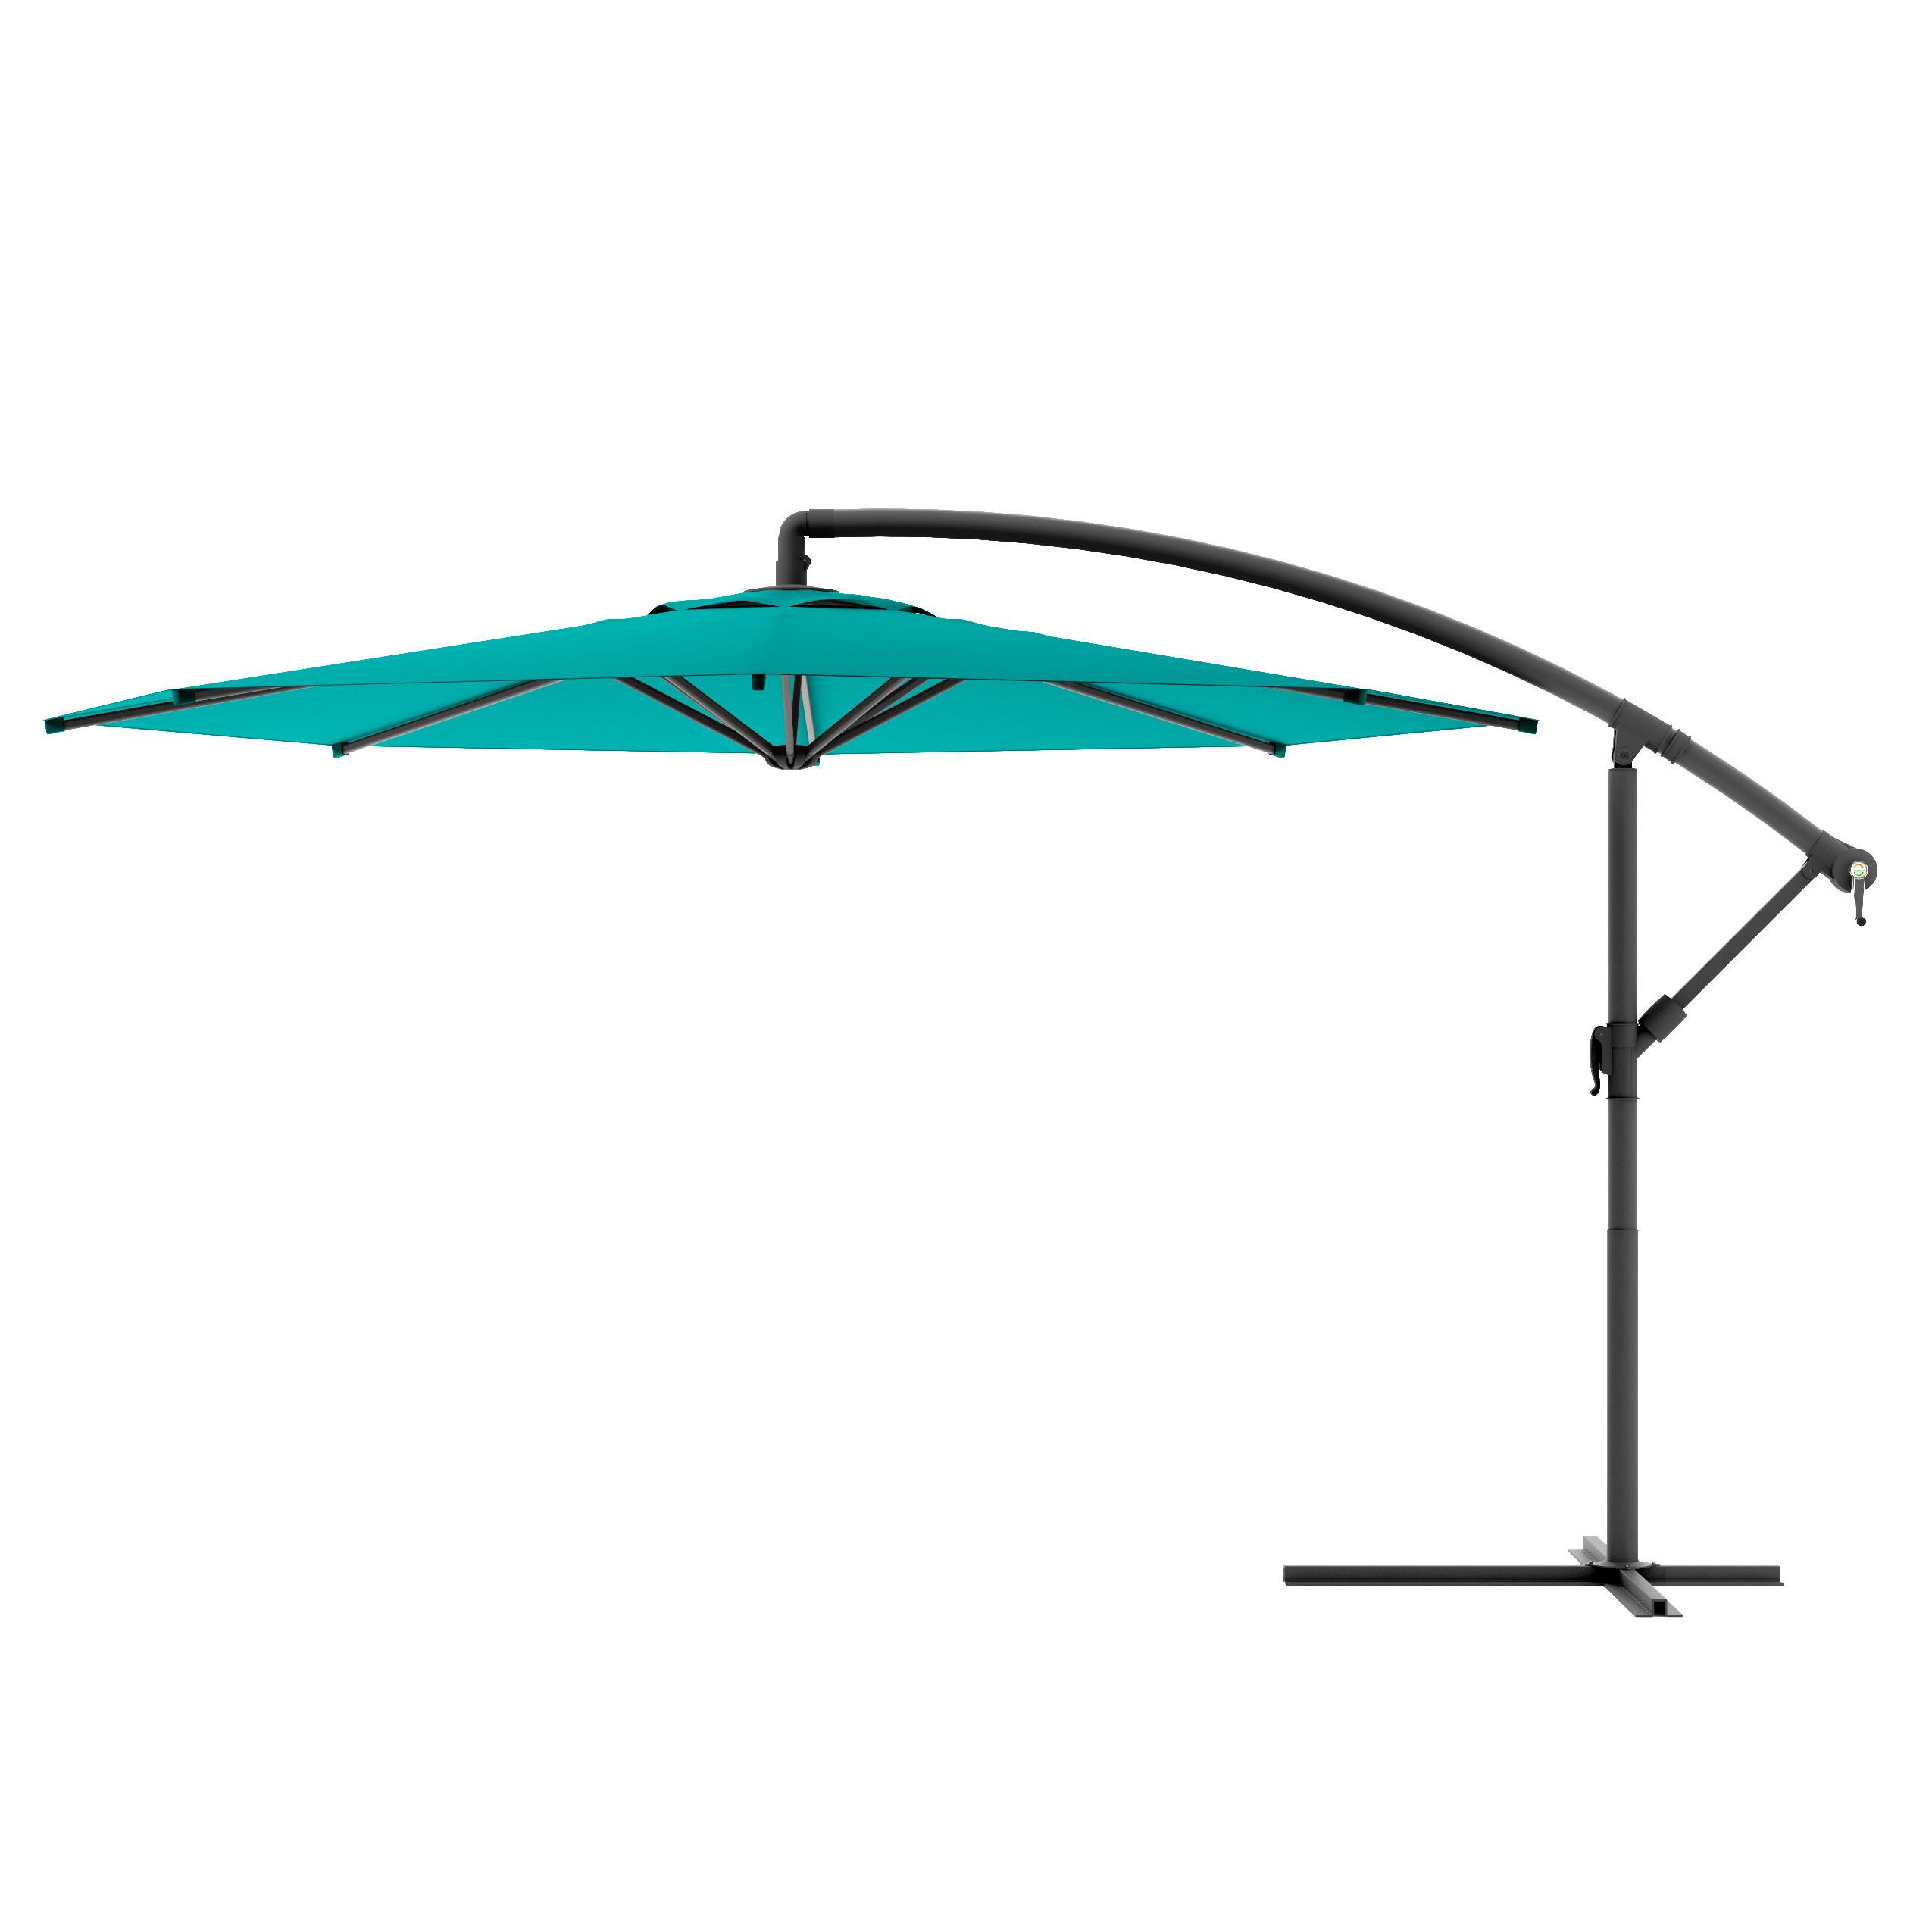 Joss & Main Inside Freda Cantilever Umbrellas (View 16 of 20)